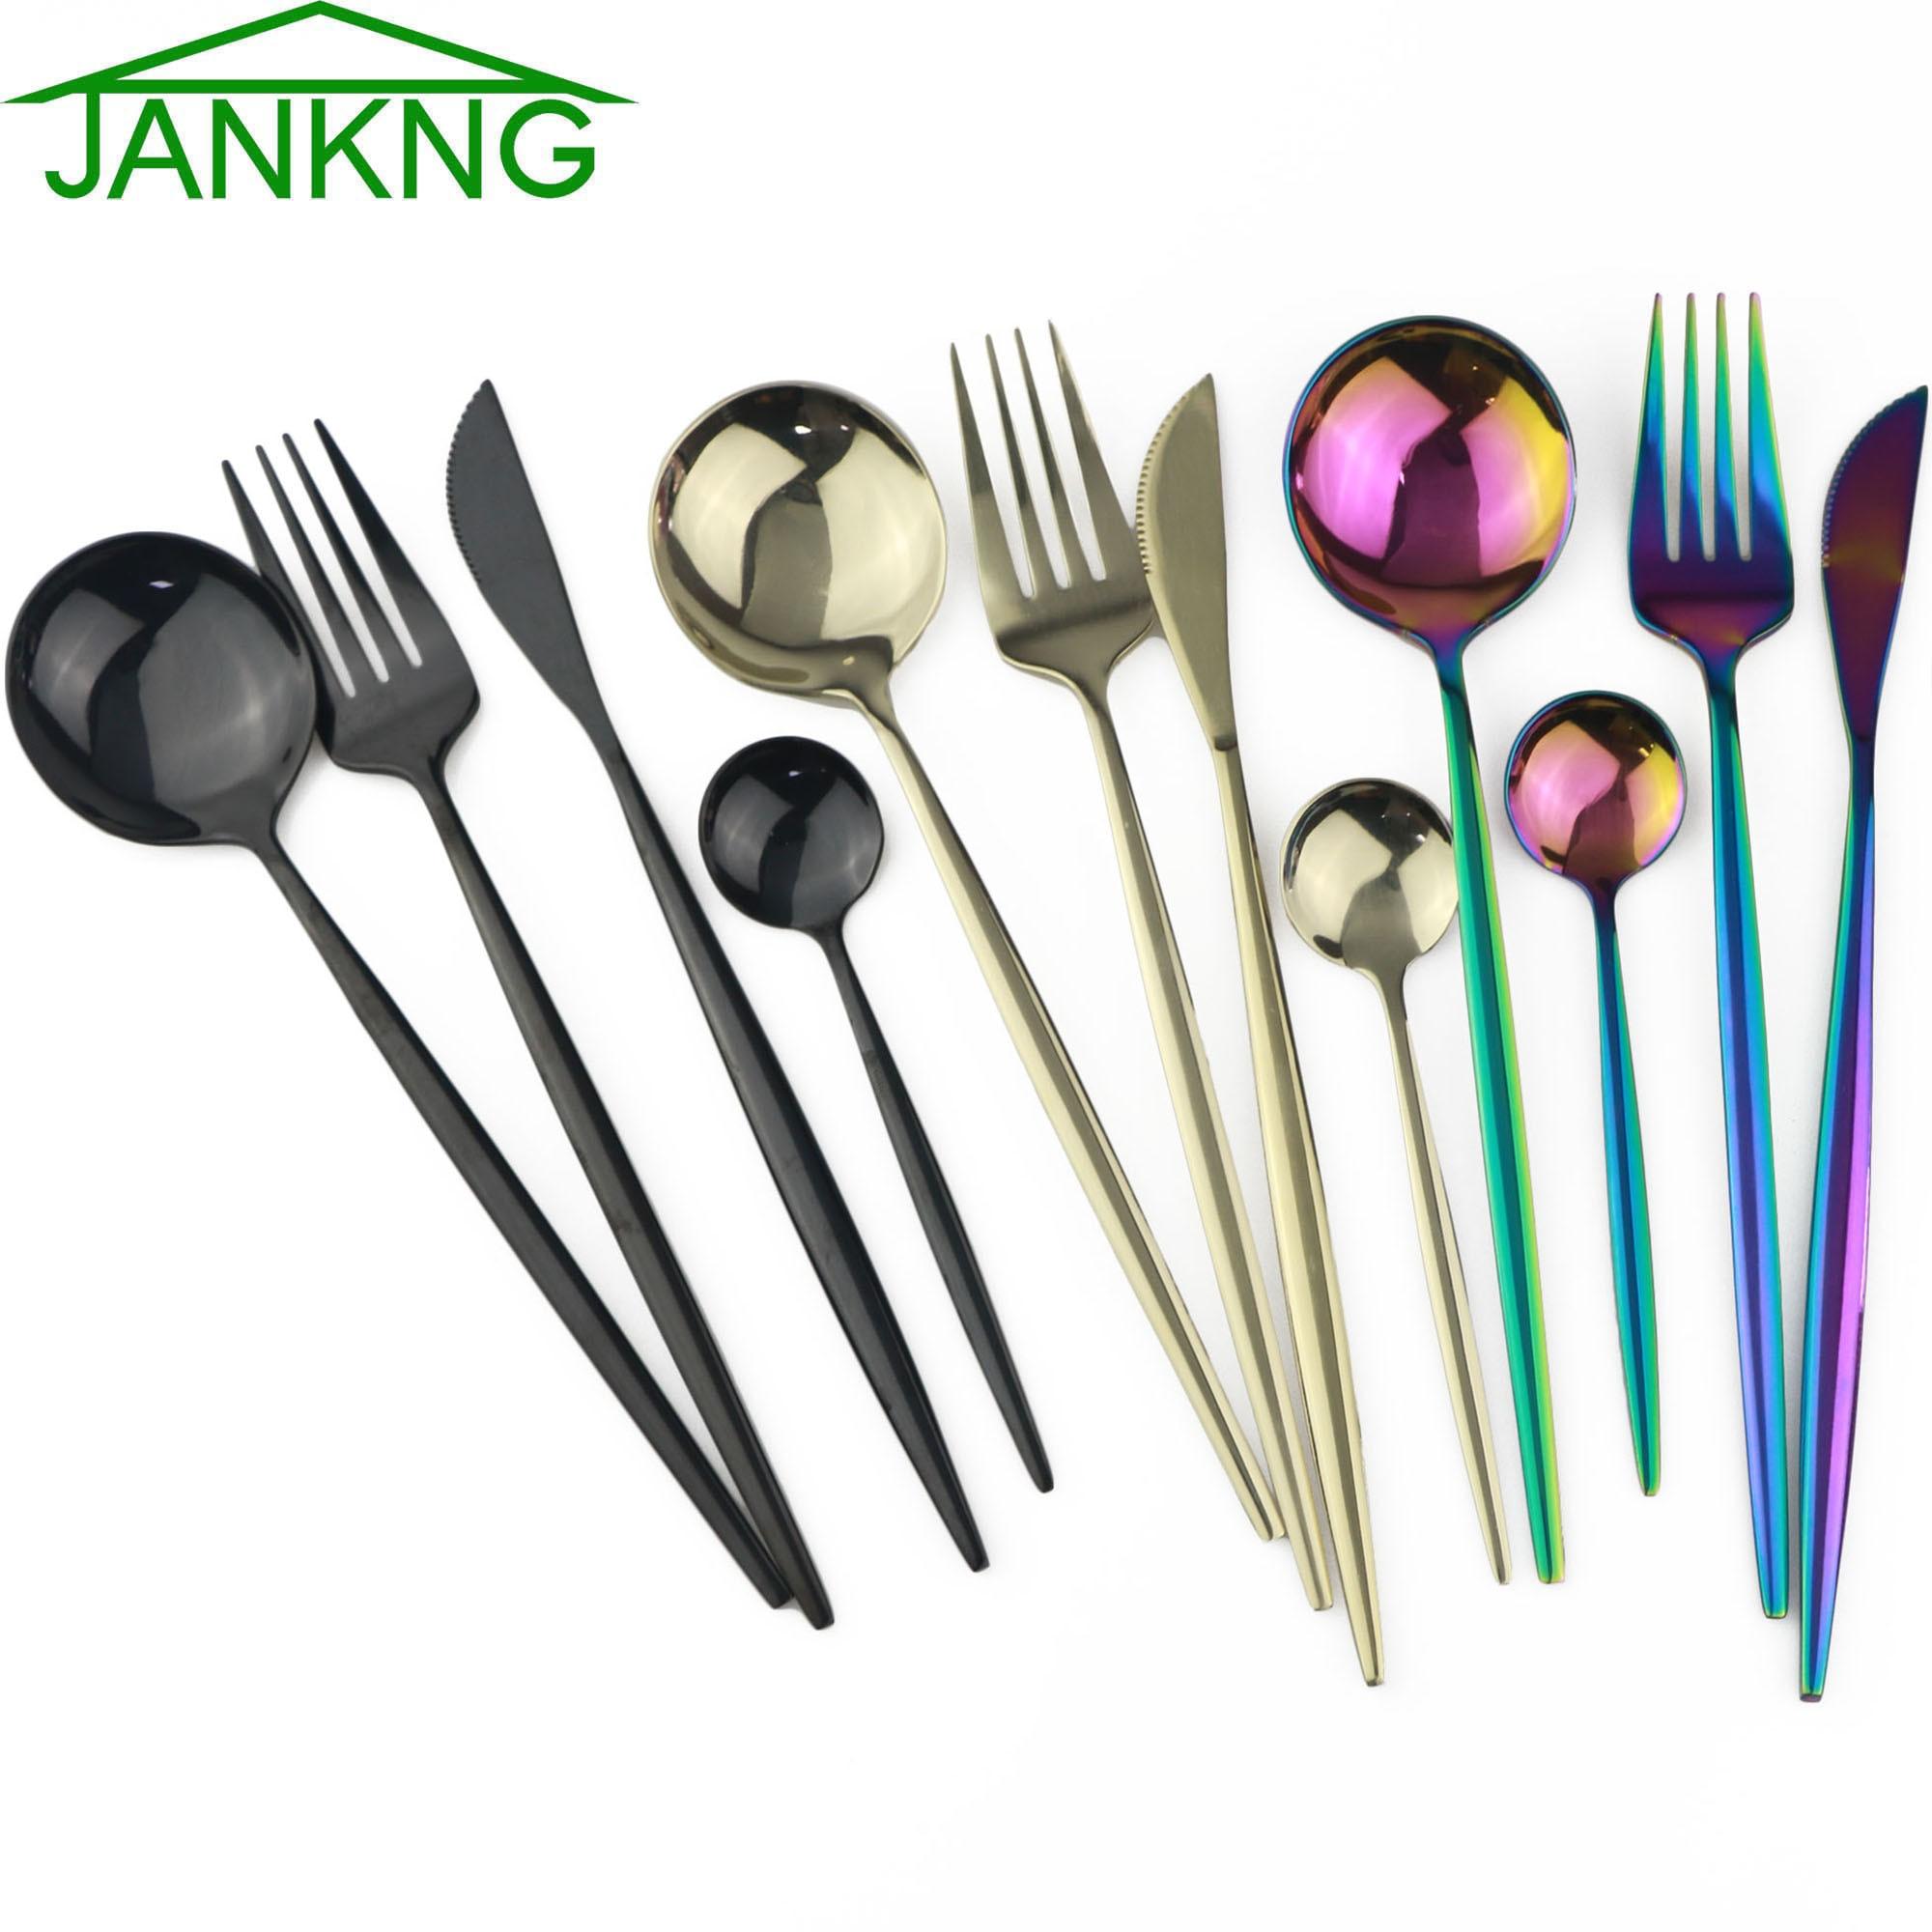 4Pcs Black Gold Dinnerware Set Rainbow Cutlery Knife Fork Spoon Flatware Set 304 Stainless Steel Silverware Tableware Dinner Set